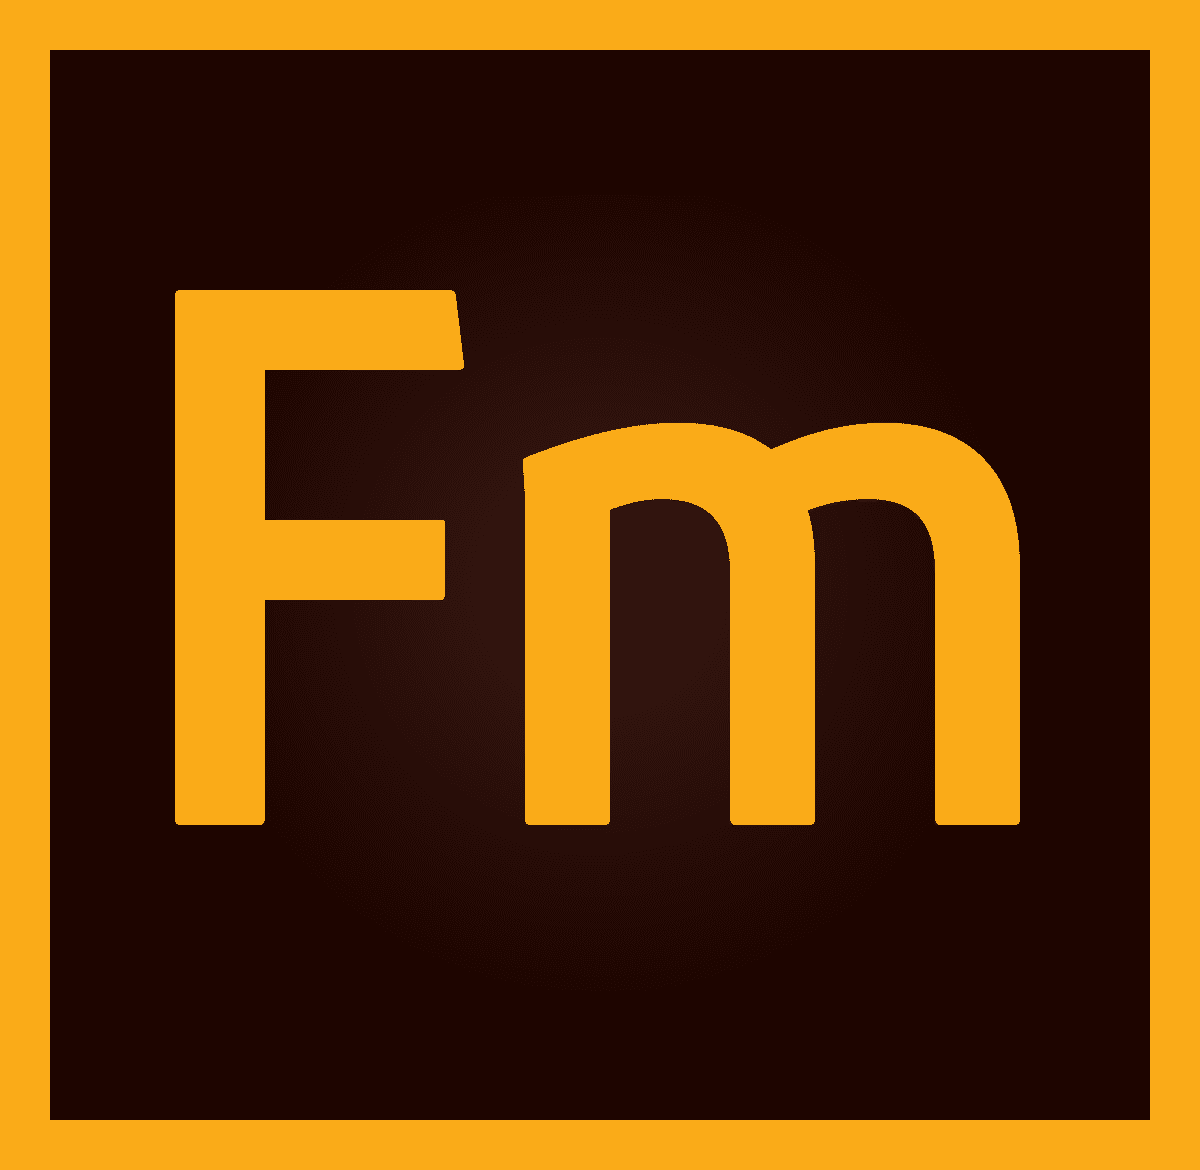 framemaker-logo